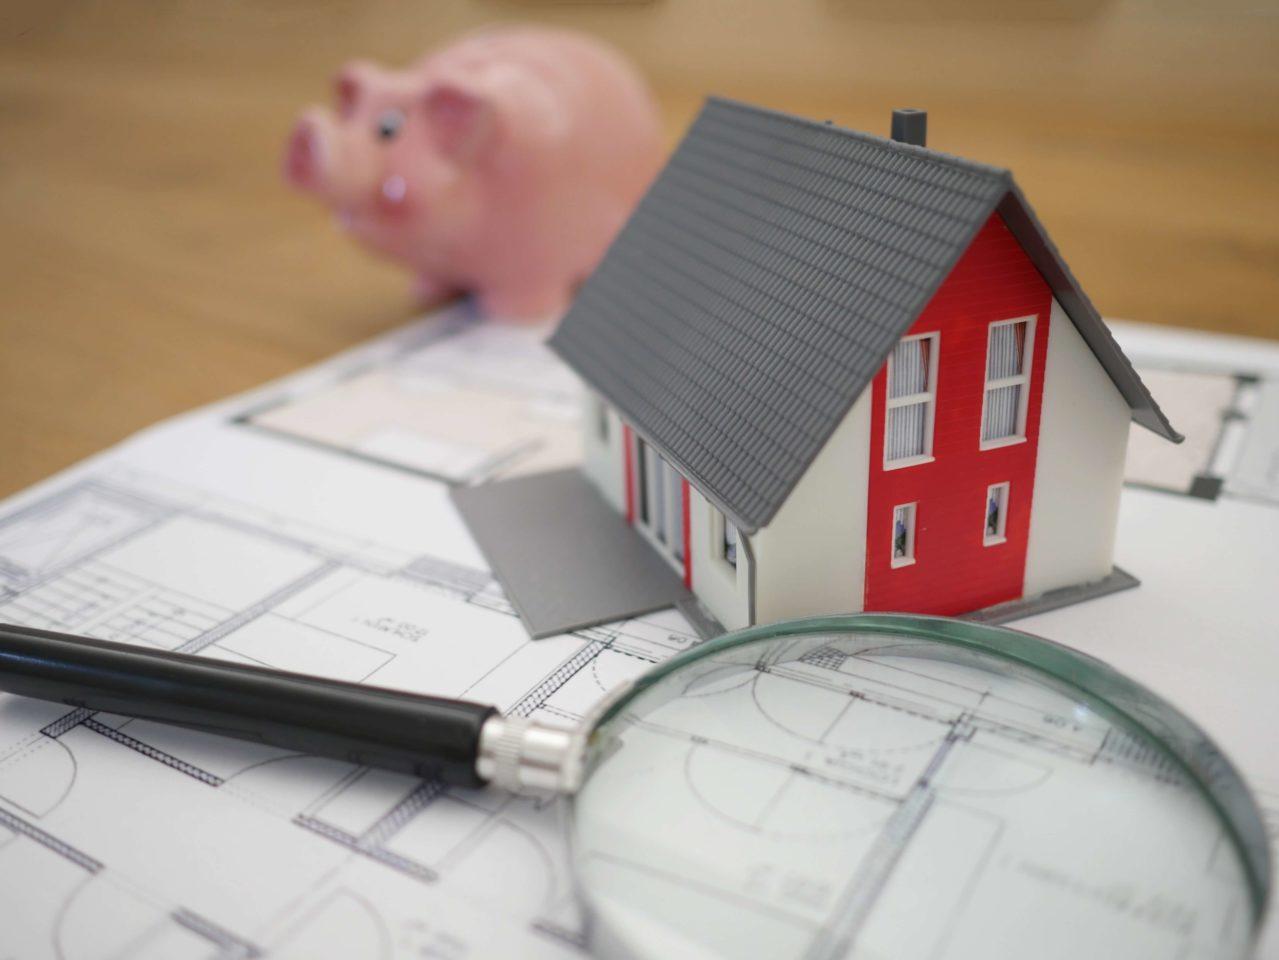 20代でマイホーム建てると後悔する?頭金や年収はどれ位が妥当?